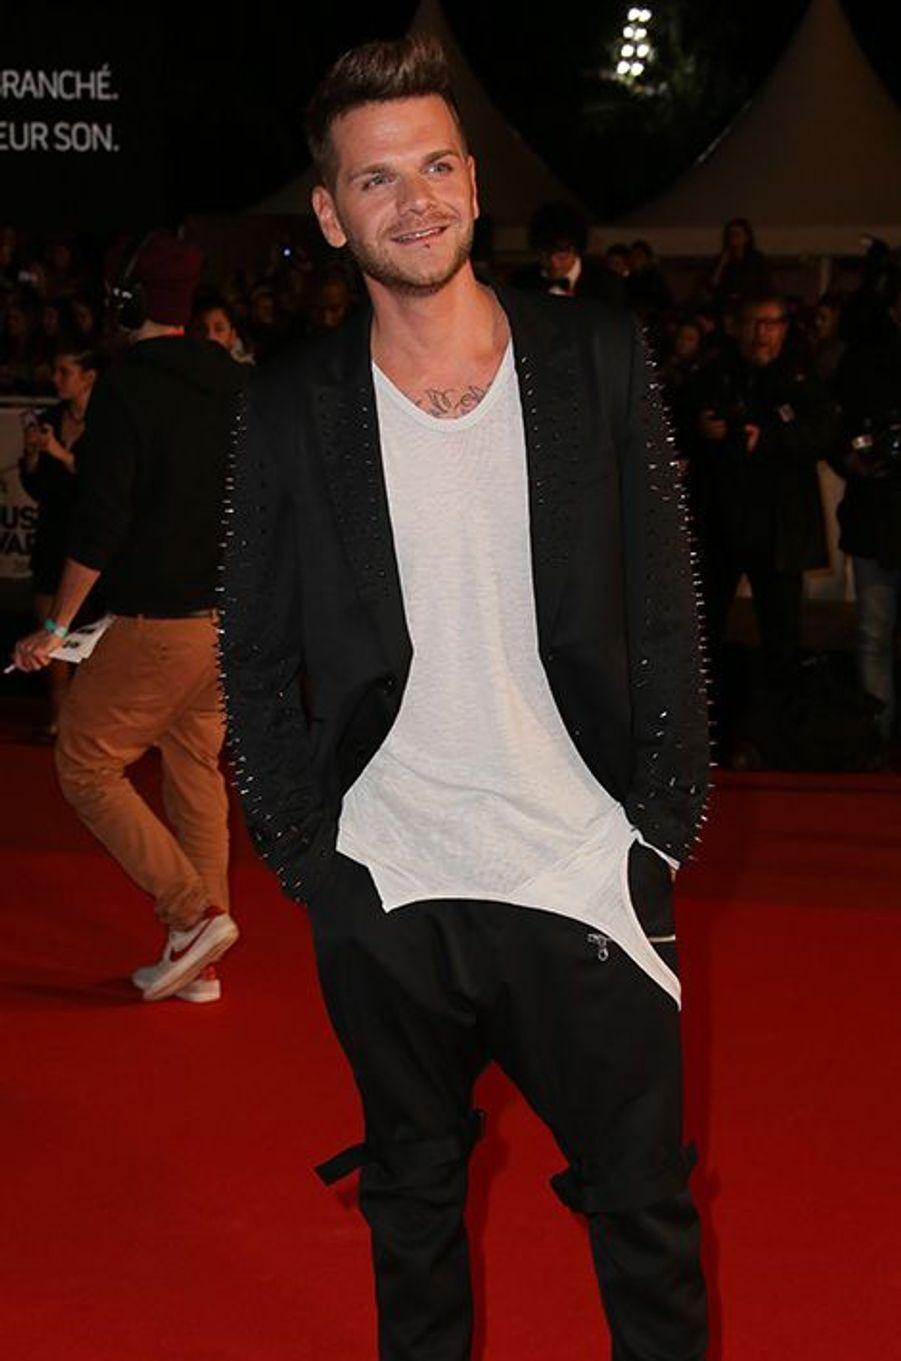 Keen'V à Cannes le 13 décembre 2014